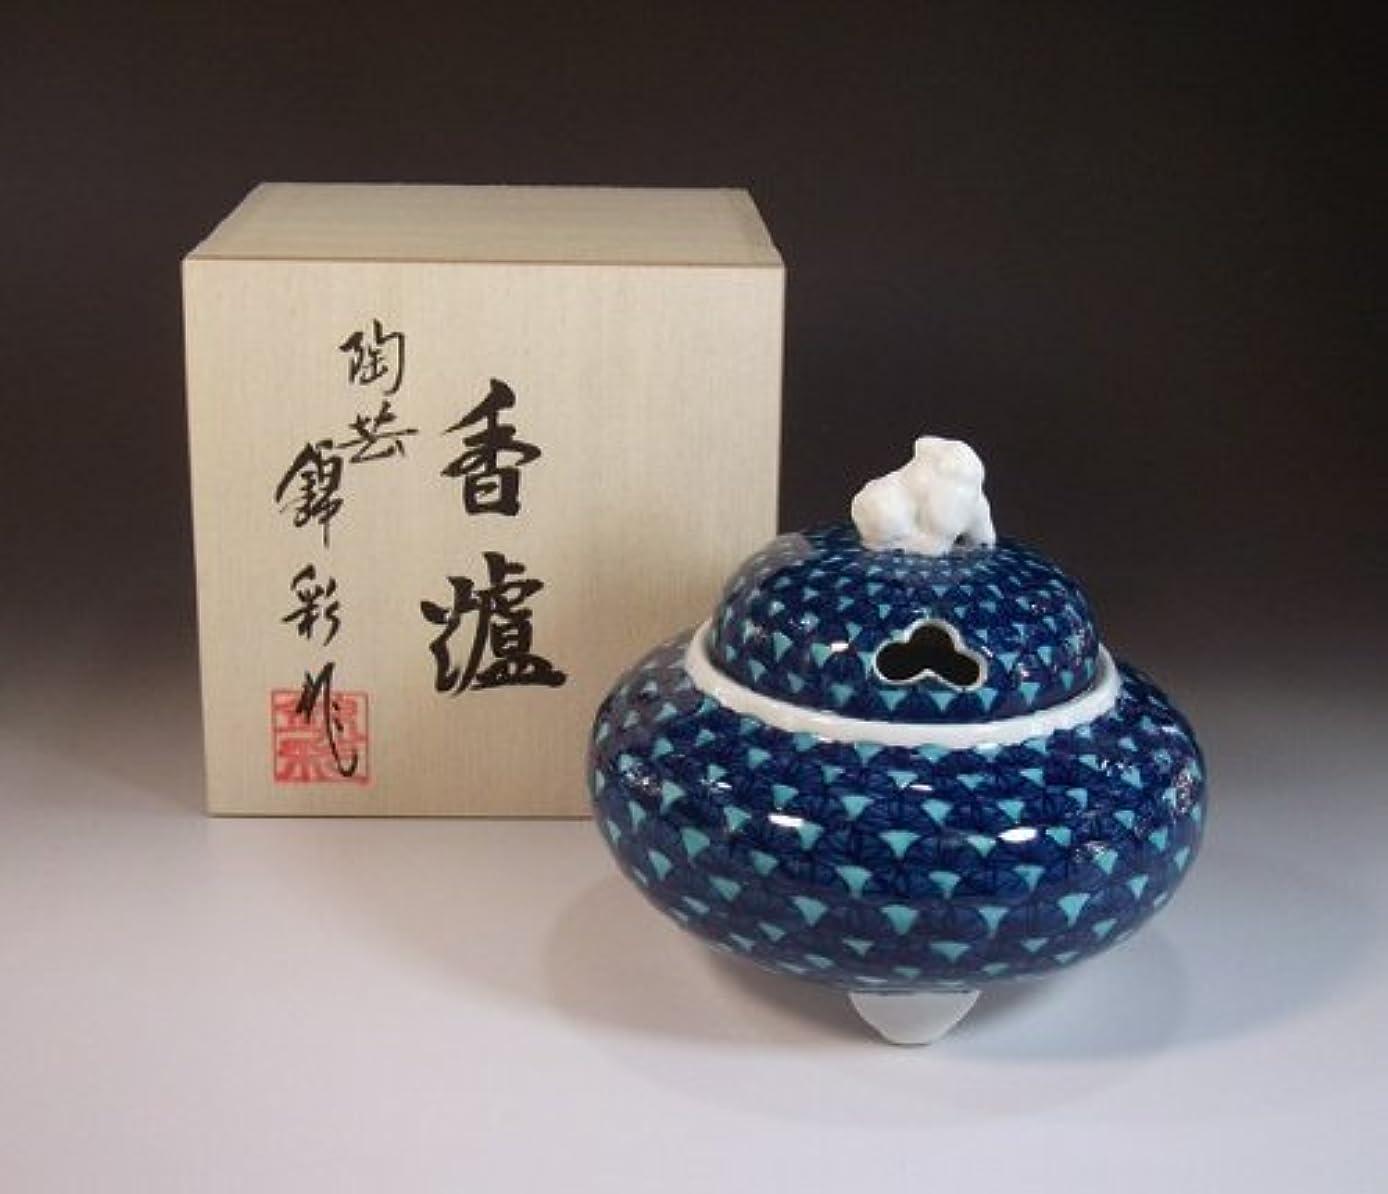 有田焼?伊万里焼の高級香炉陶器|贈答品|ギフト|記念品|贈り物|青海波?陶芸家 藤井錦彩